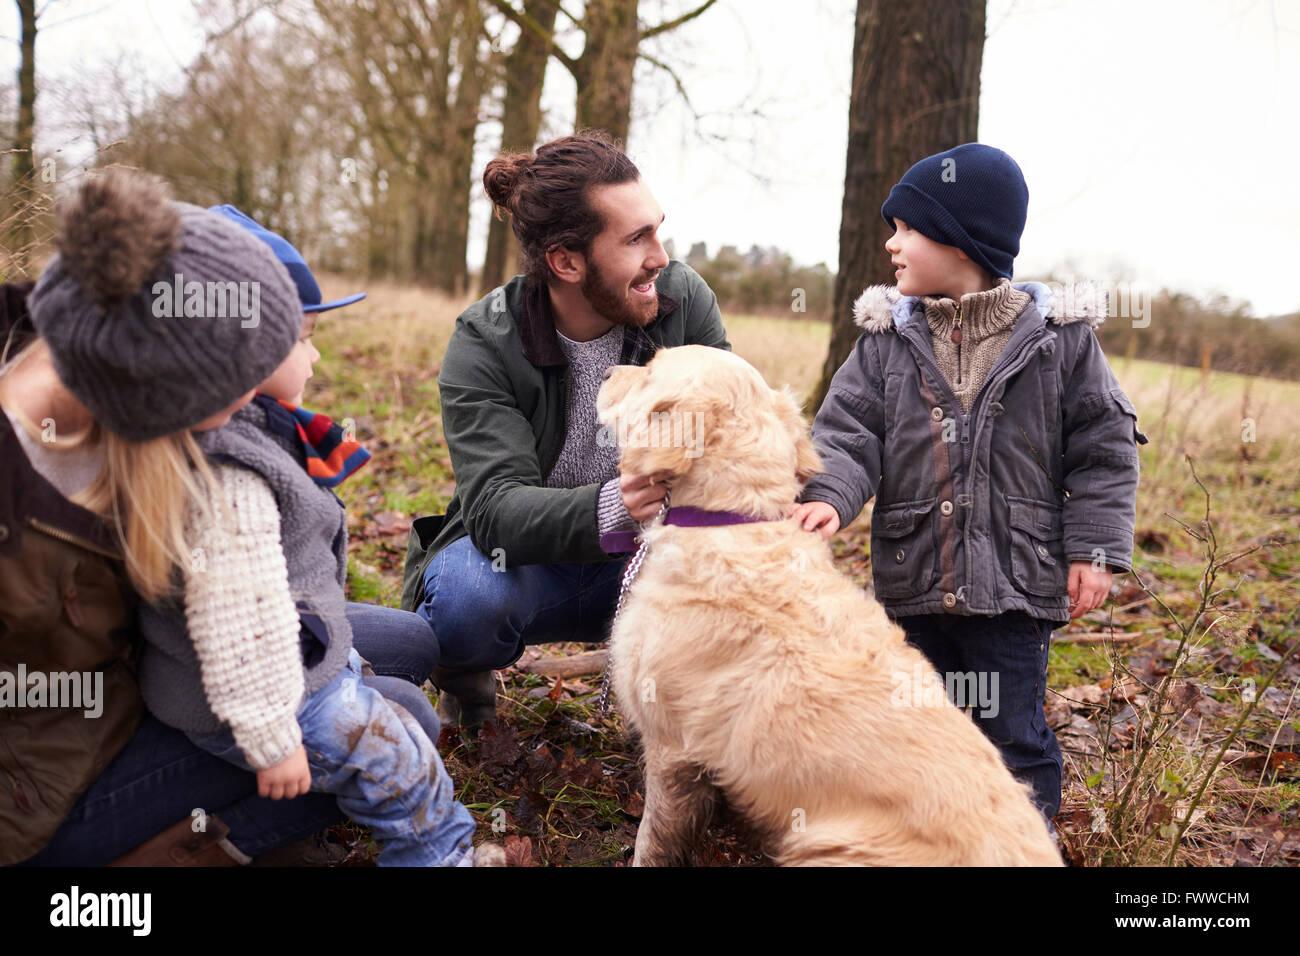 Famiglia con cane sulla Passeggiata invernale giocando in campagna Immagini Stock